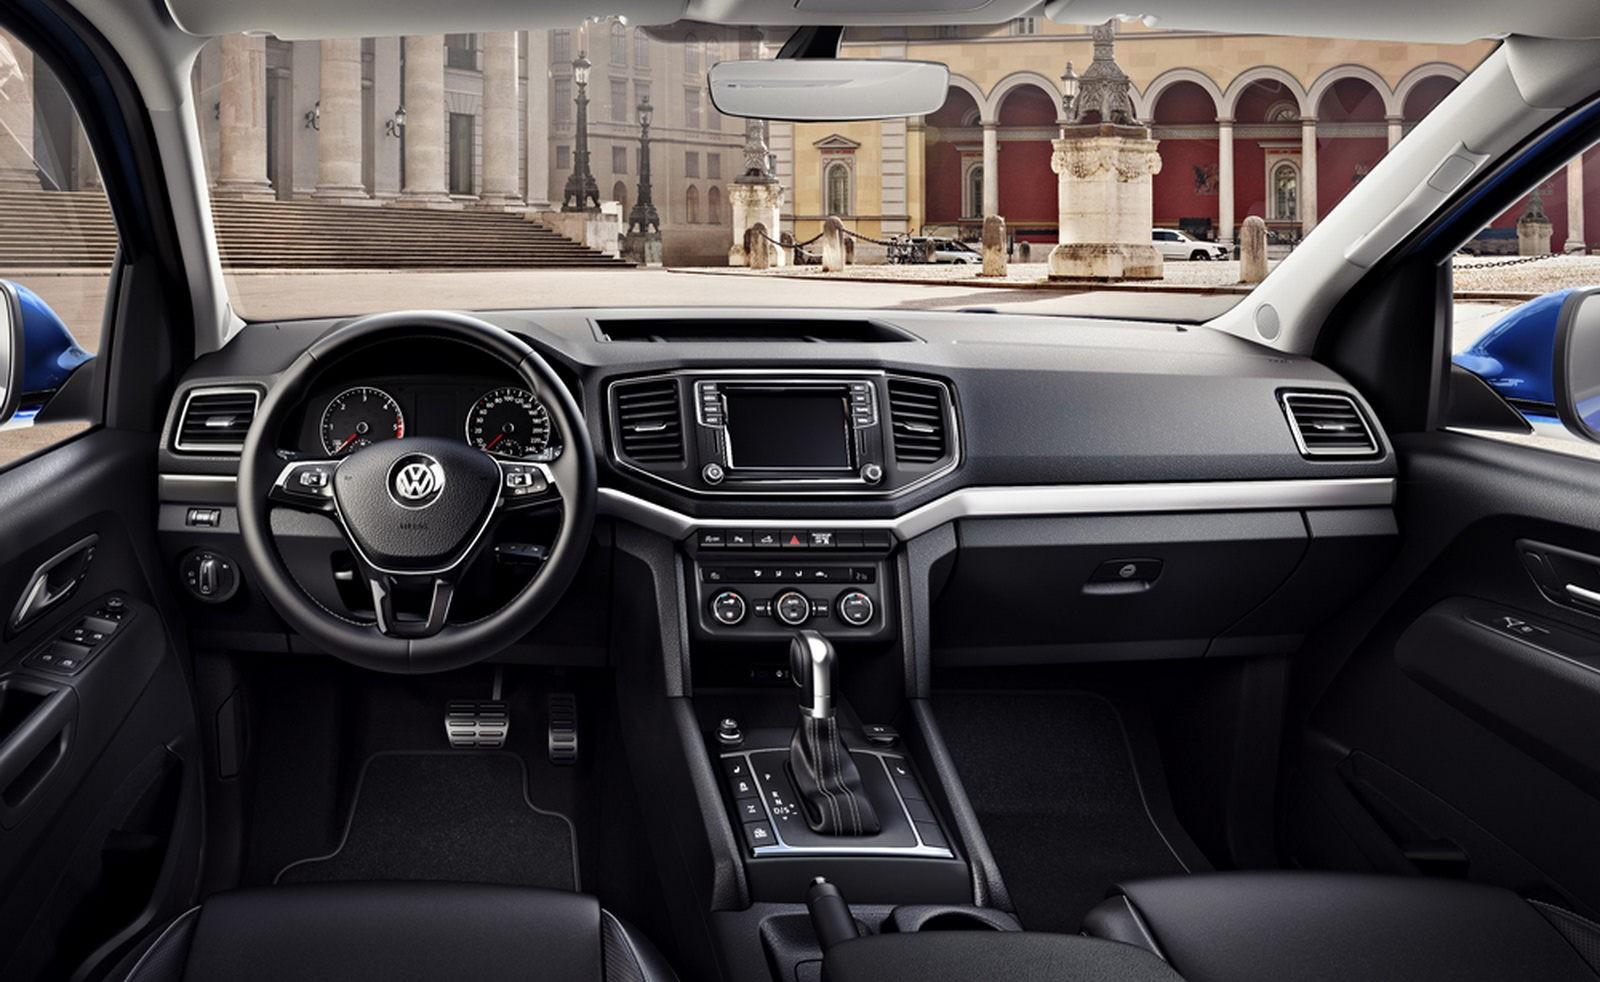 Обновленный Volkswagen Amarok показал свой интерьер